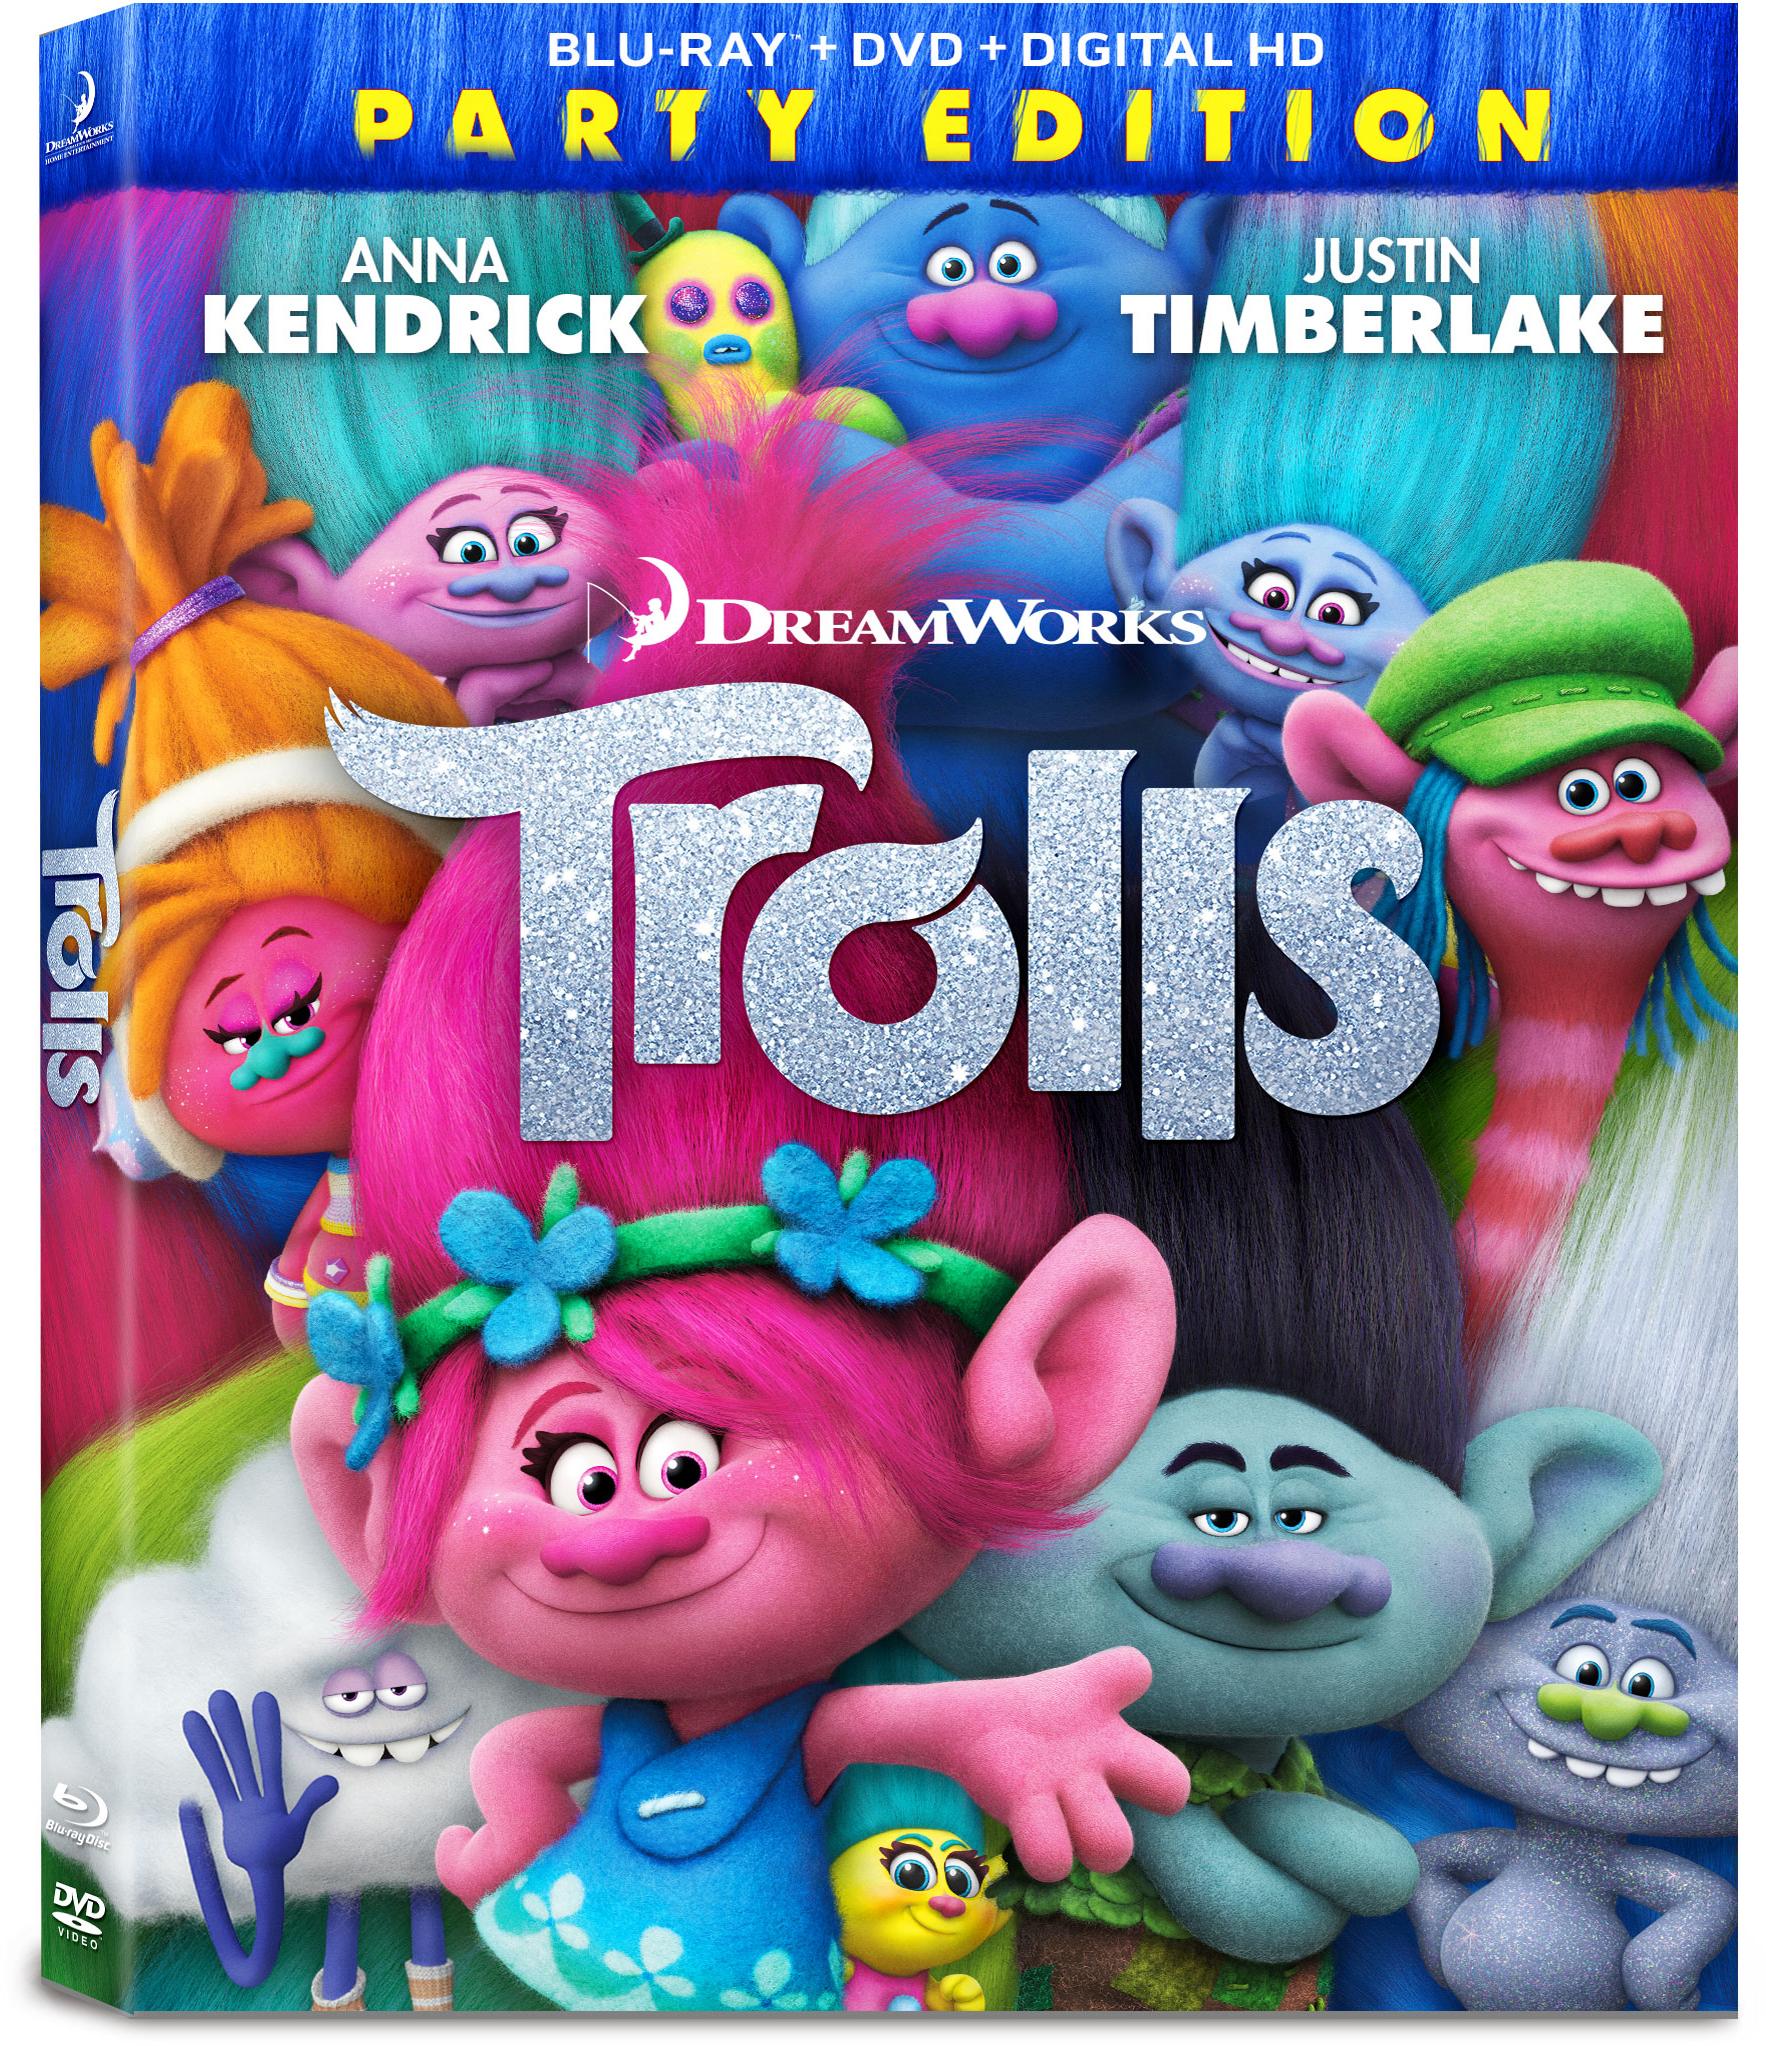 Trolls (Blu-ray / DVD / Digital HD) PartNumber: 017W002500778001P KsnValue: 017W002500778001 MfgPartNumber: D103470